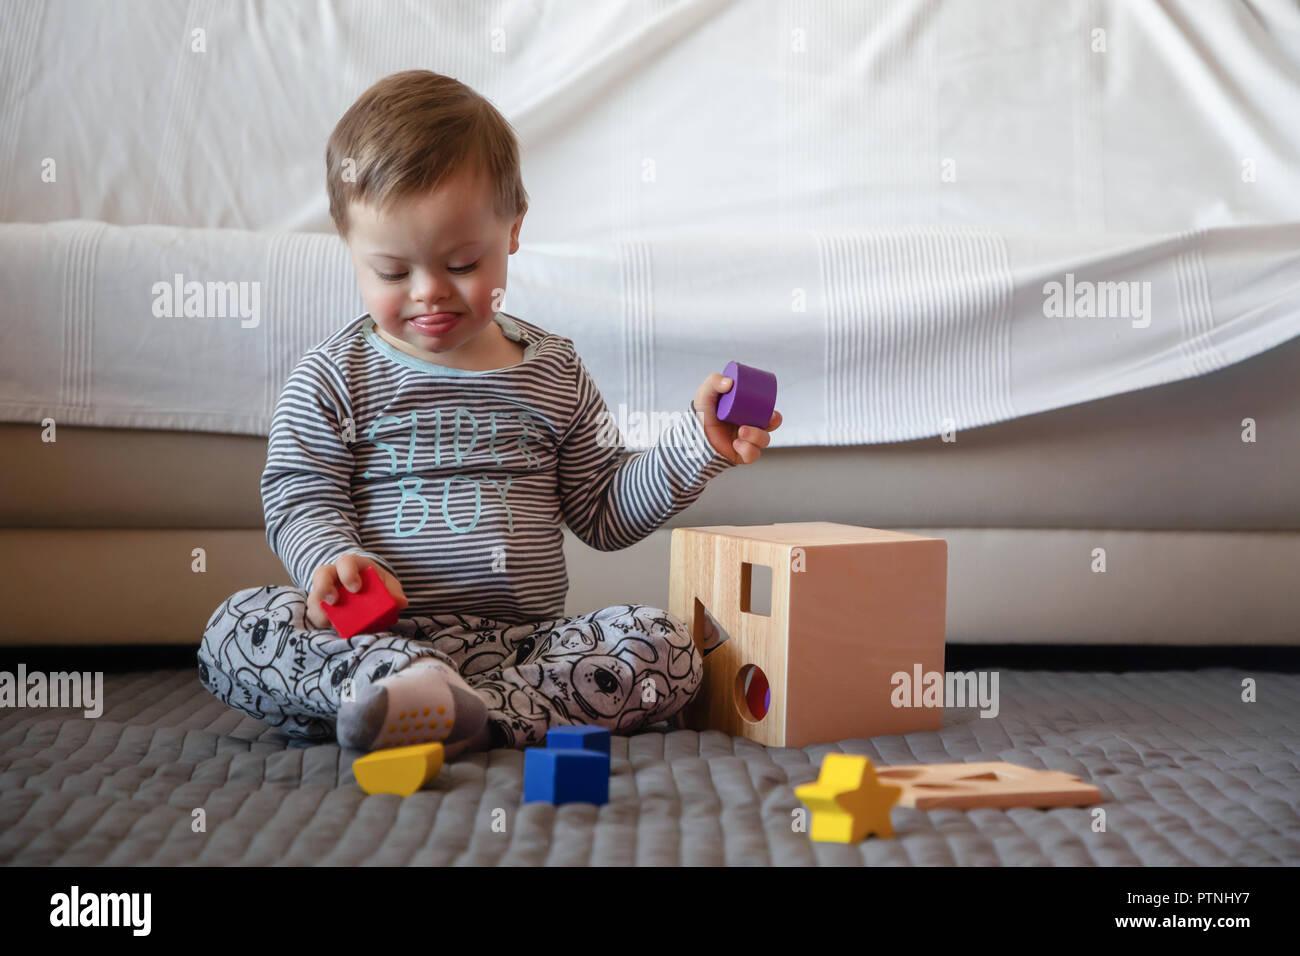 Ritratto di carino ragazzo con la sindrome di Down giocando in casa Immagini Stock